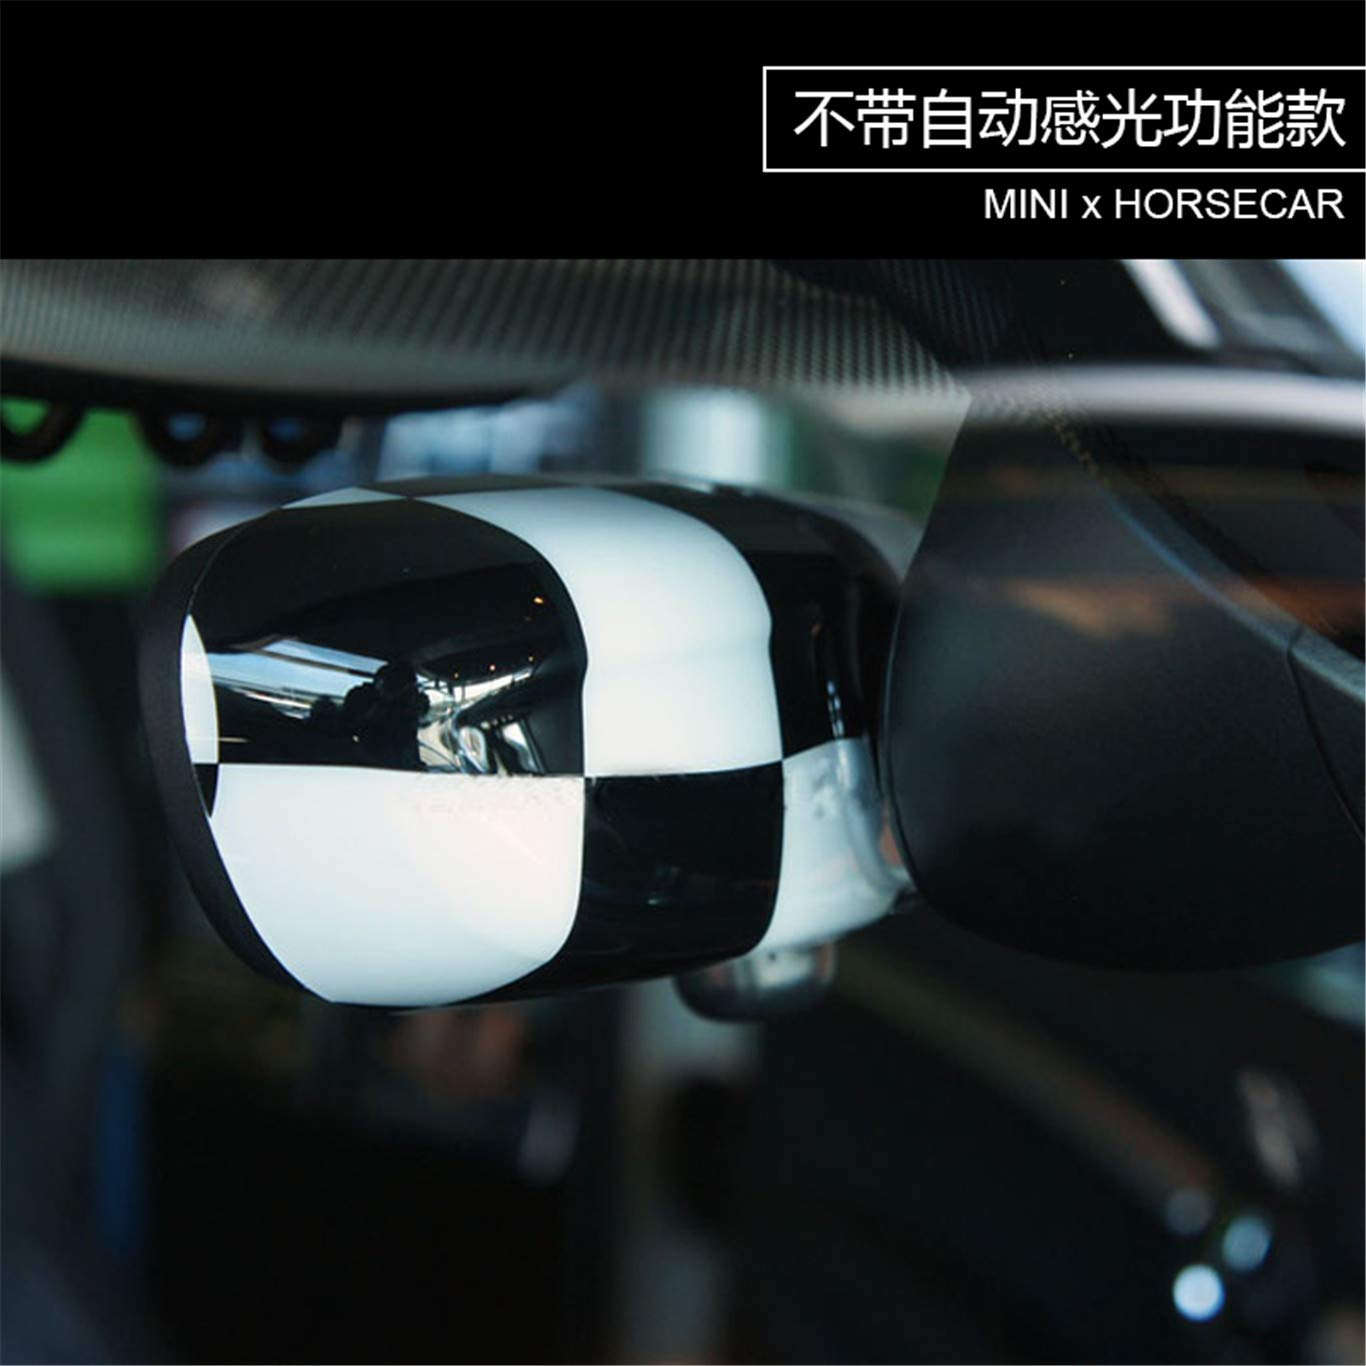 HDX Tapa de Espejo retrovisor Interior para Mini Cooper F54 Clubman F55 Hardtop F56 Hatchback F57 Covertible F60 Countryman 2016+